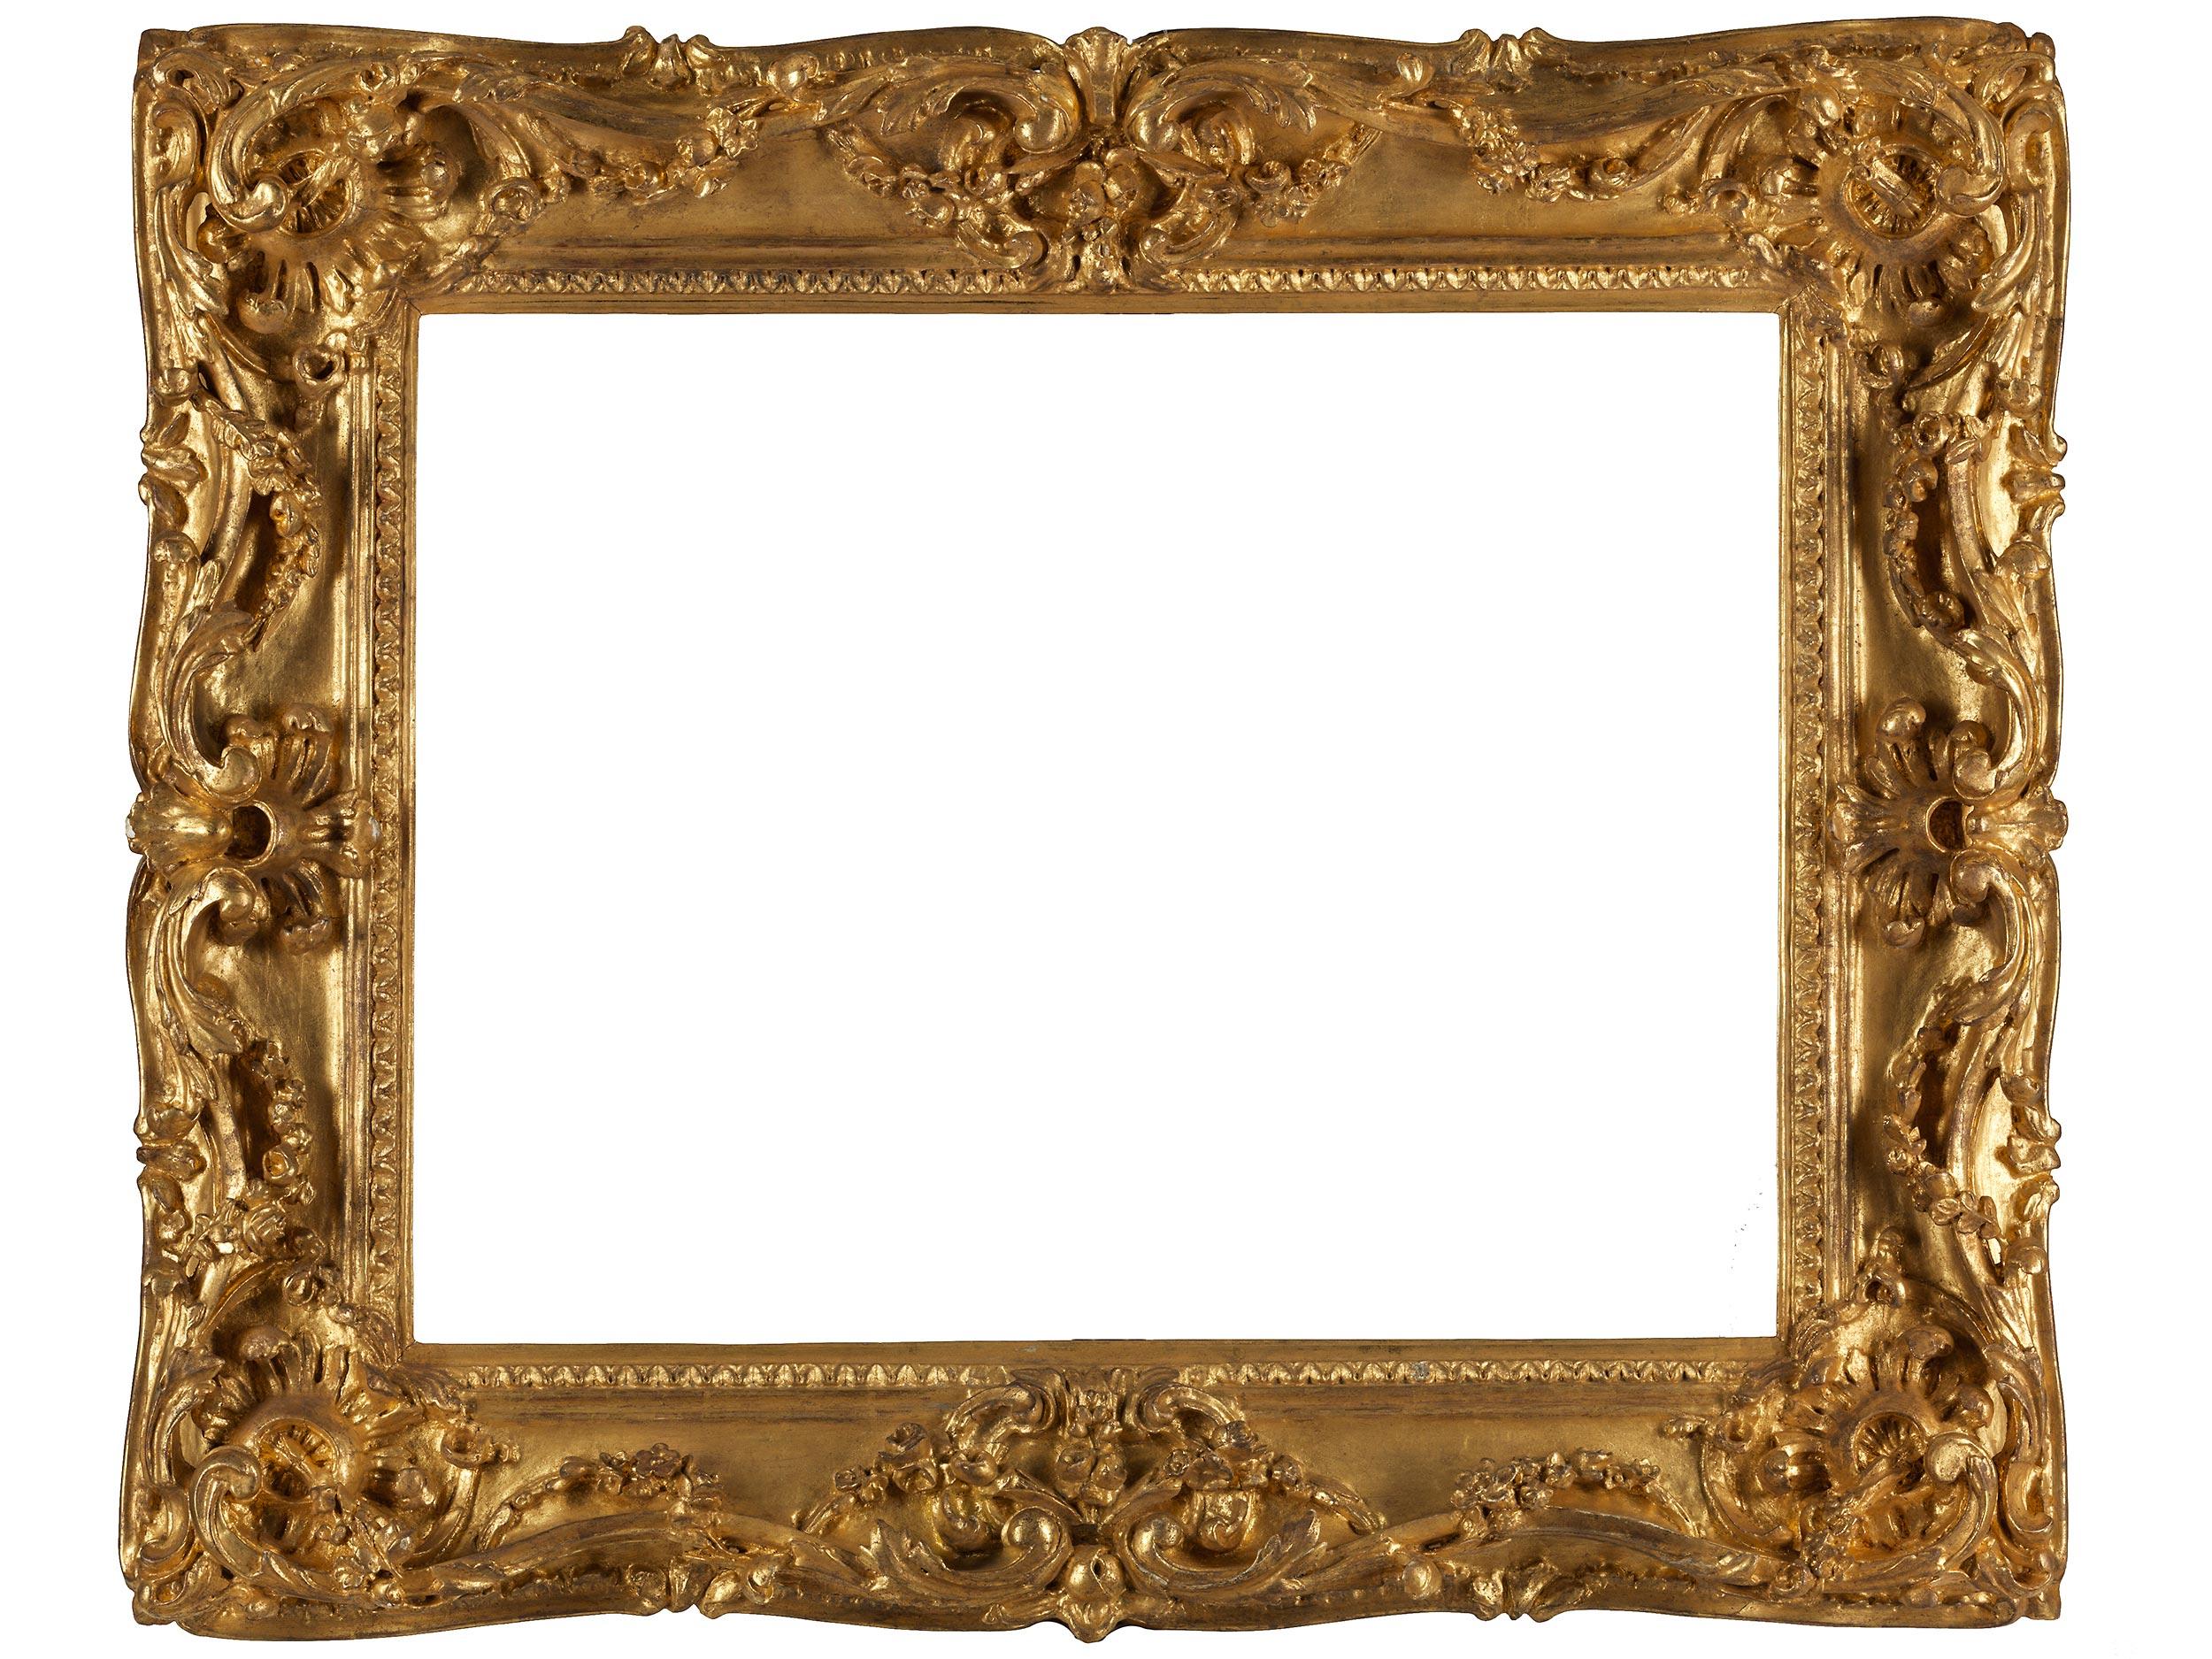 Großer Rahmen im Louis-XV Stil